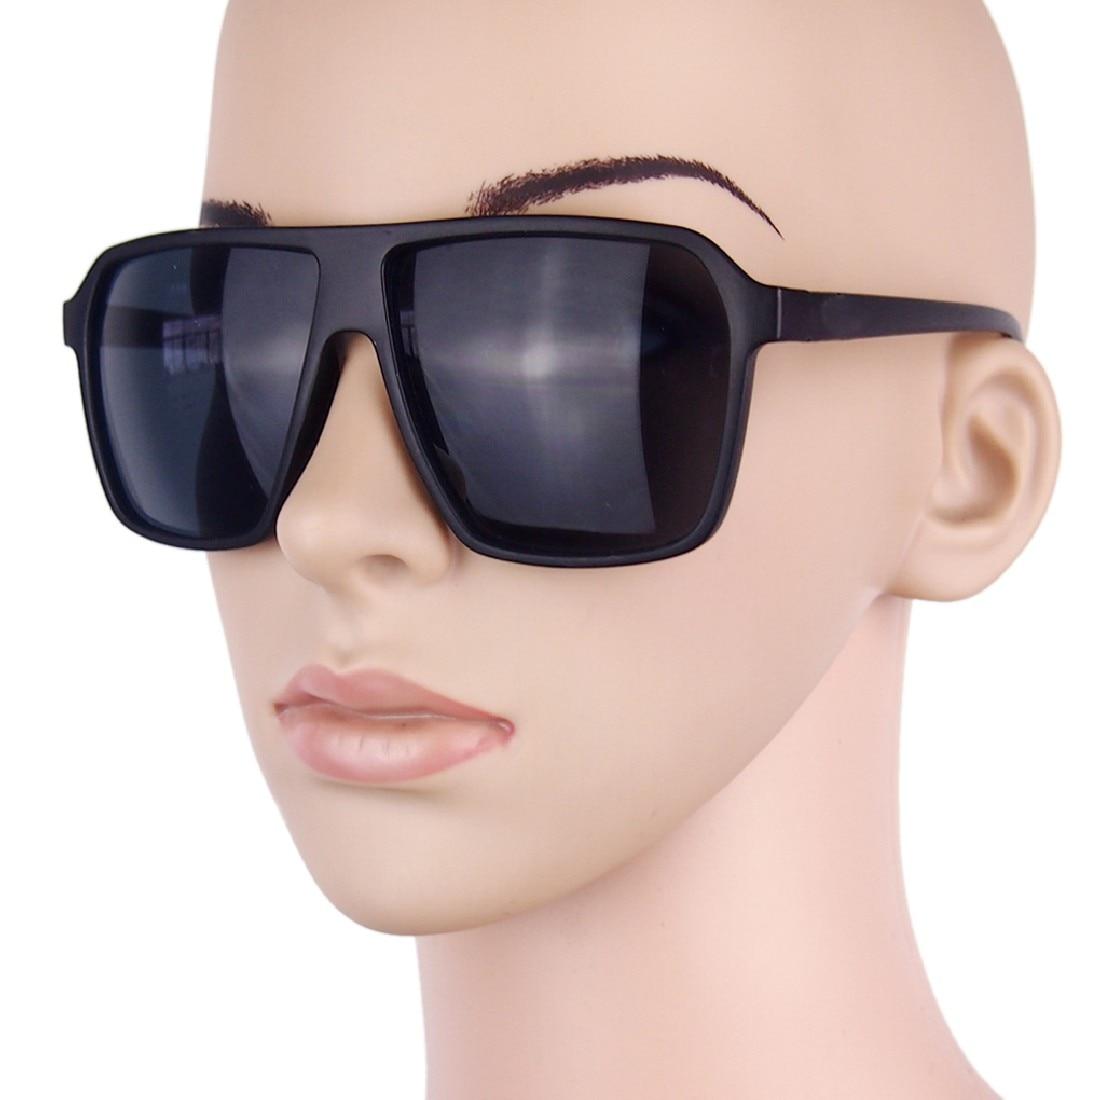 89da1216874 2016 Hot Sale Thick Big Frame Eyeglasses Sunglasses Glasses Fashion Vintage  Retro Gift Women Men